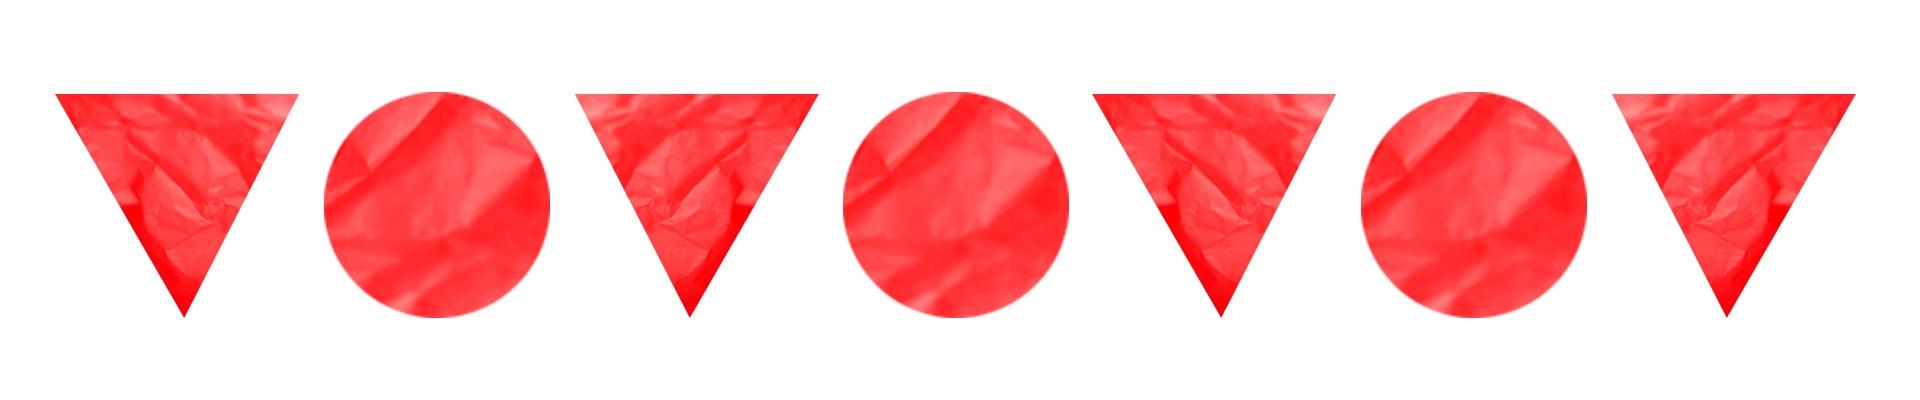 Zdjęcie przedstawia figury geometryczne, trójkąty i koła w kolorze czerwonym.